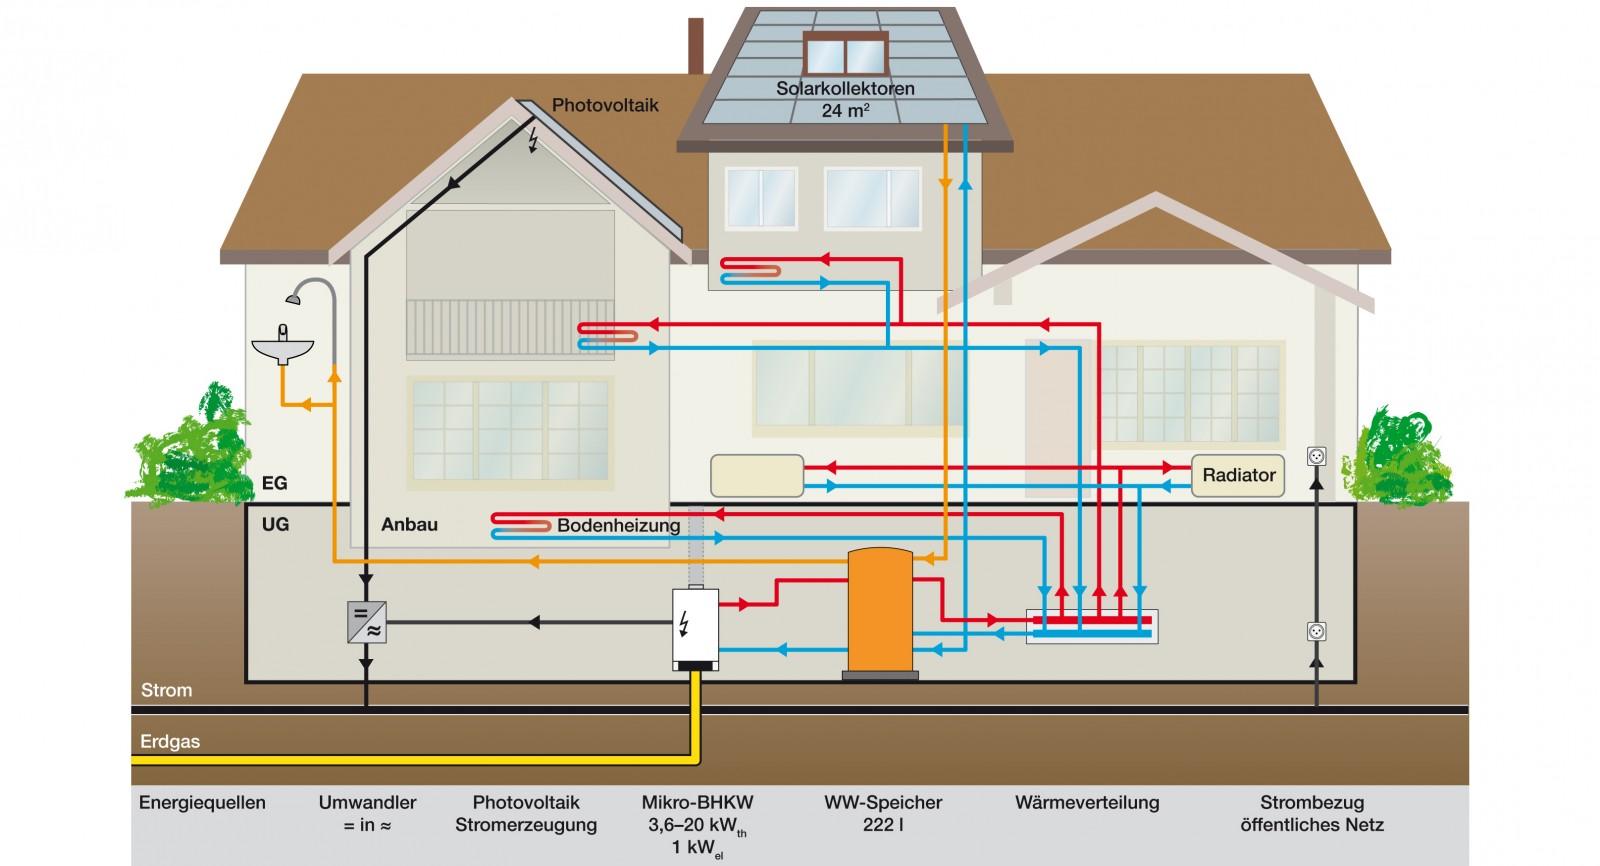 Alle haustechnischen Komponenten sind miteinander verbunden. Als zentrales Element der Wärmeversorgung dient der gross dimensionierte Speicher.